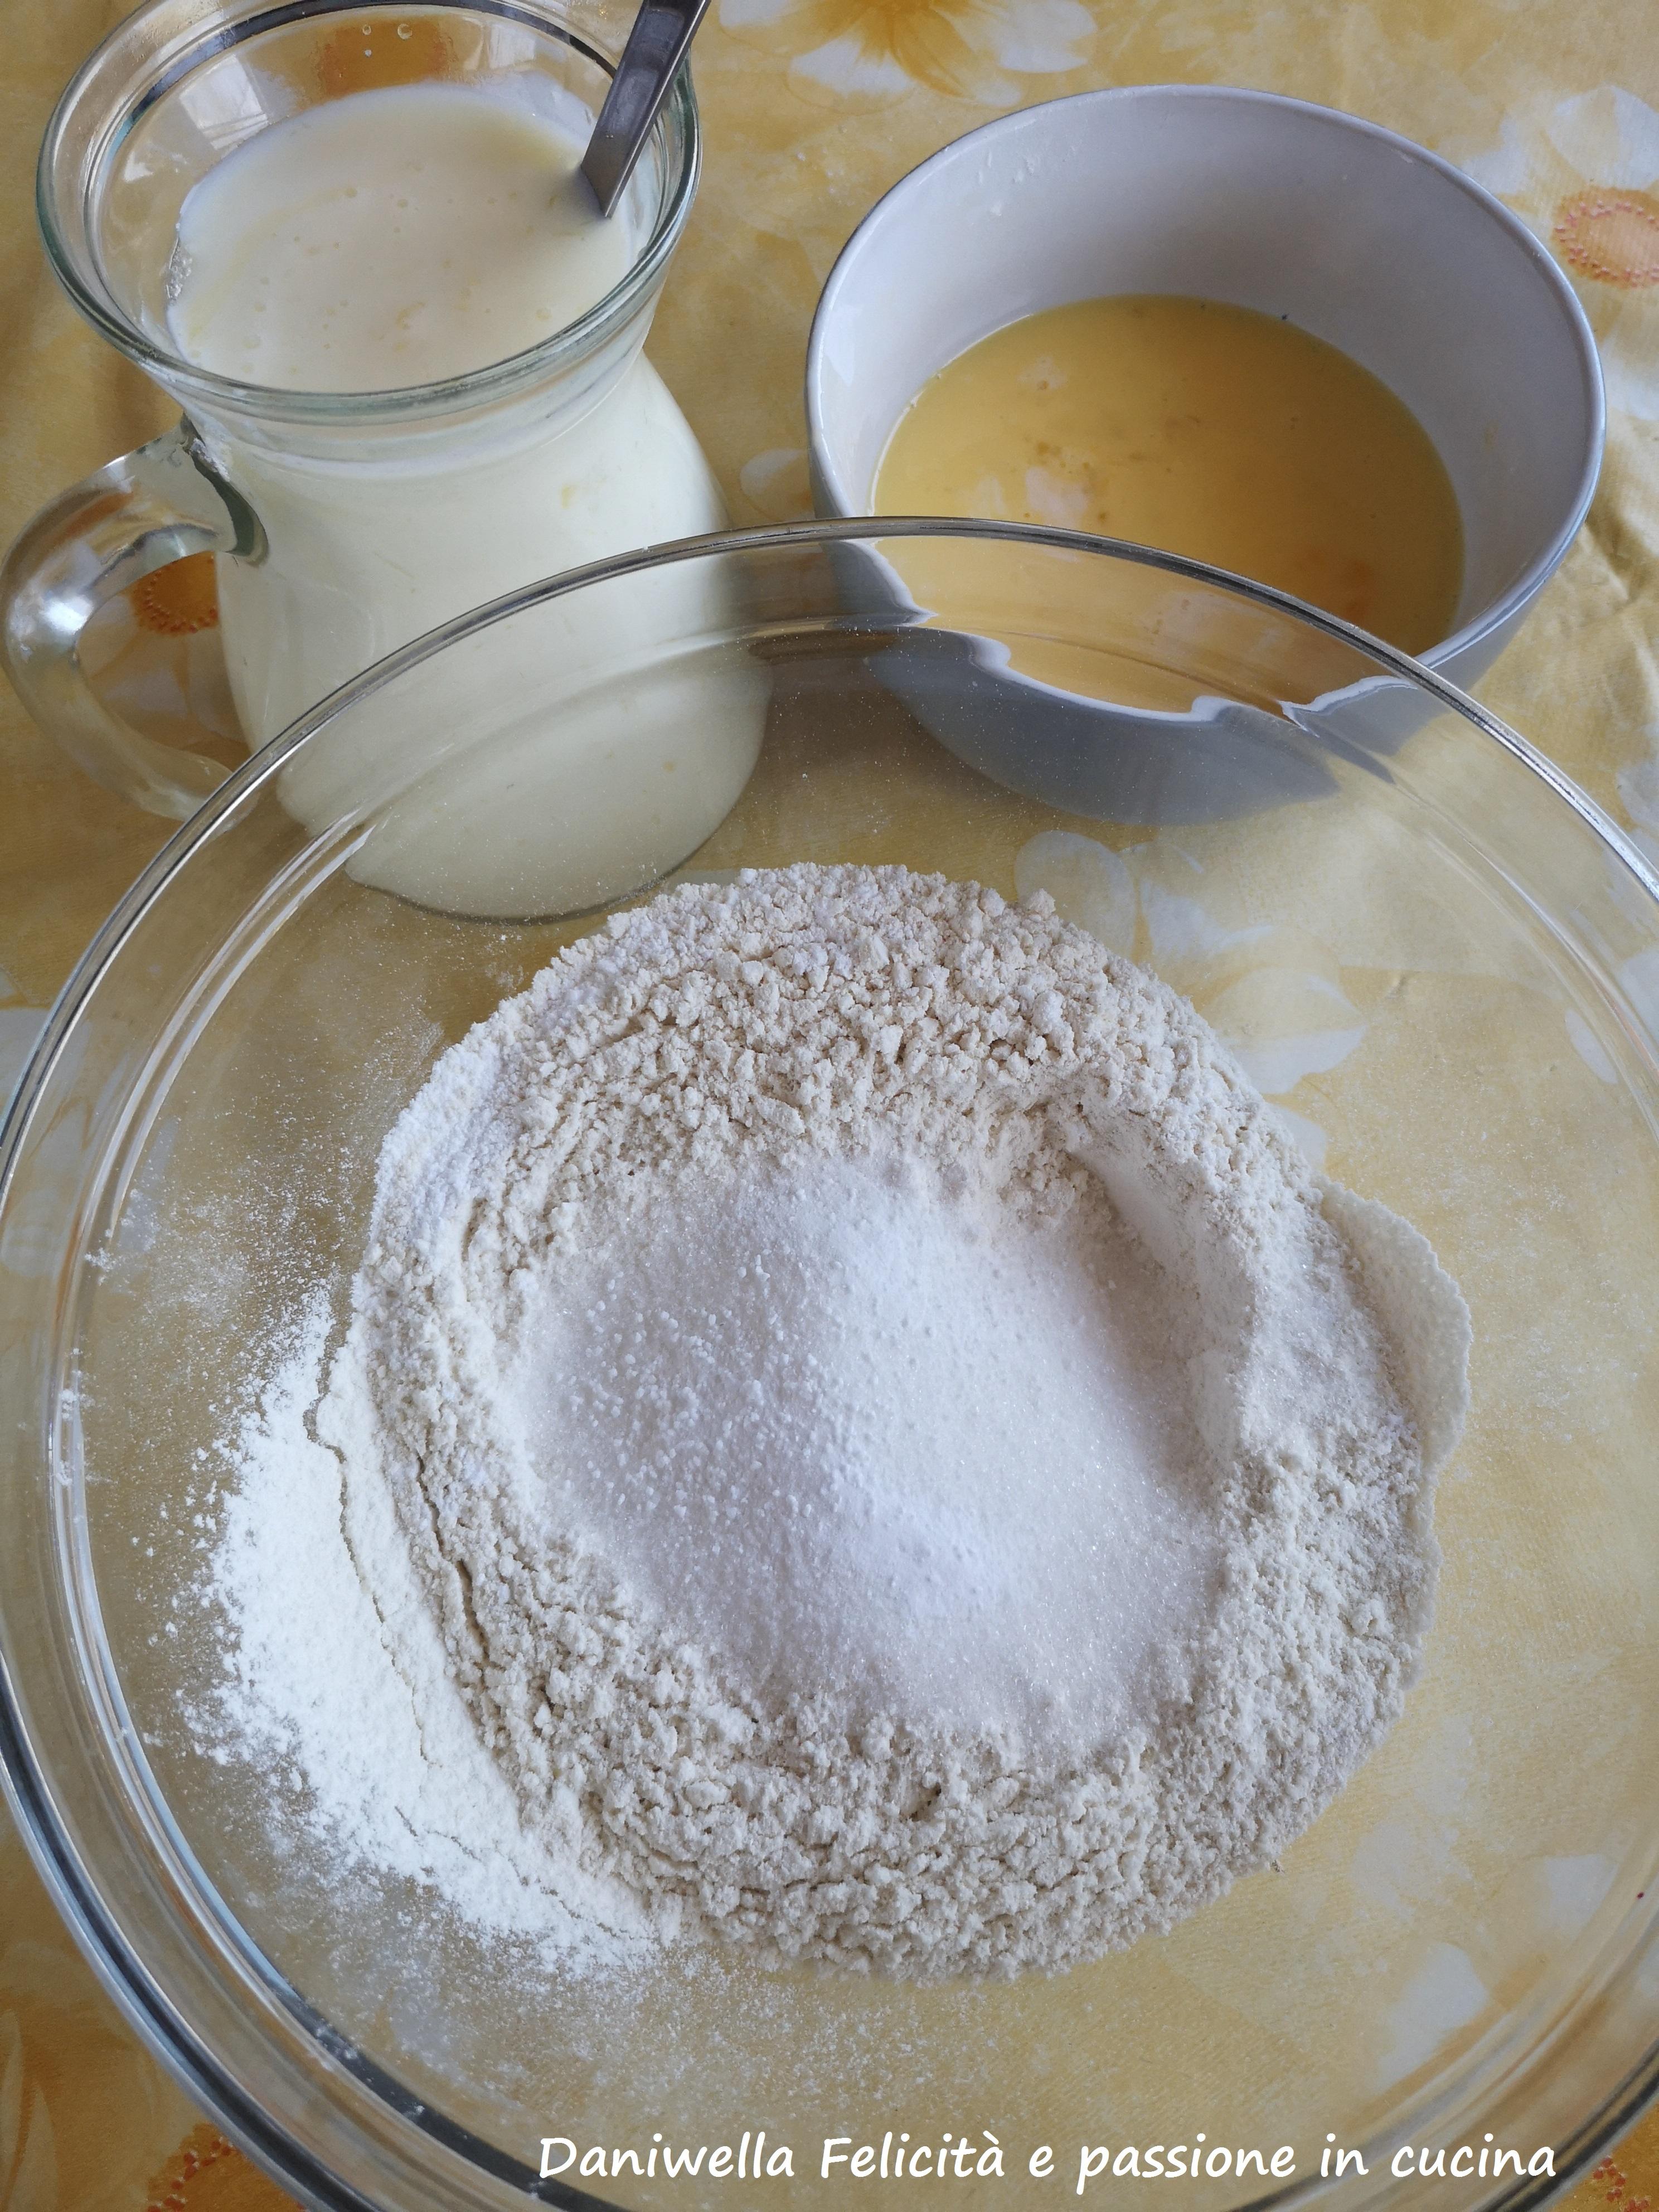 In una ciotola capiente mescolate la farina setacciata insieme al lievito, lo zucchero e il sale. Sbattete le uova quel tanto da far amalgamare per bene il tuorlo con l'albume.